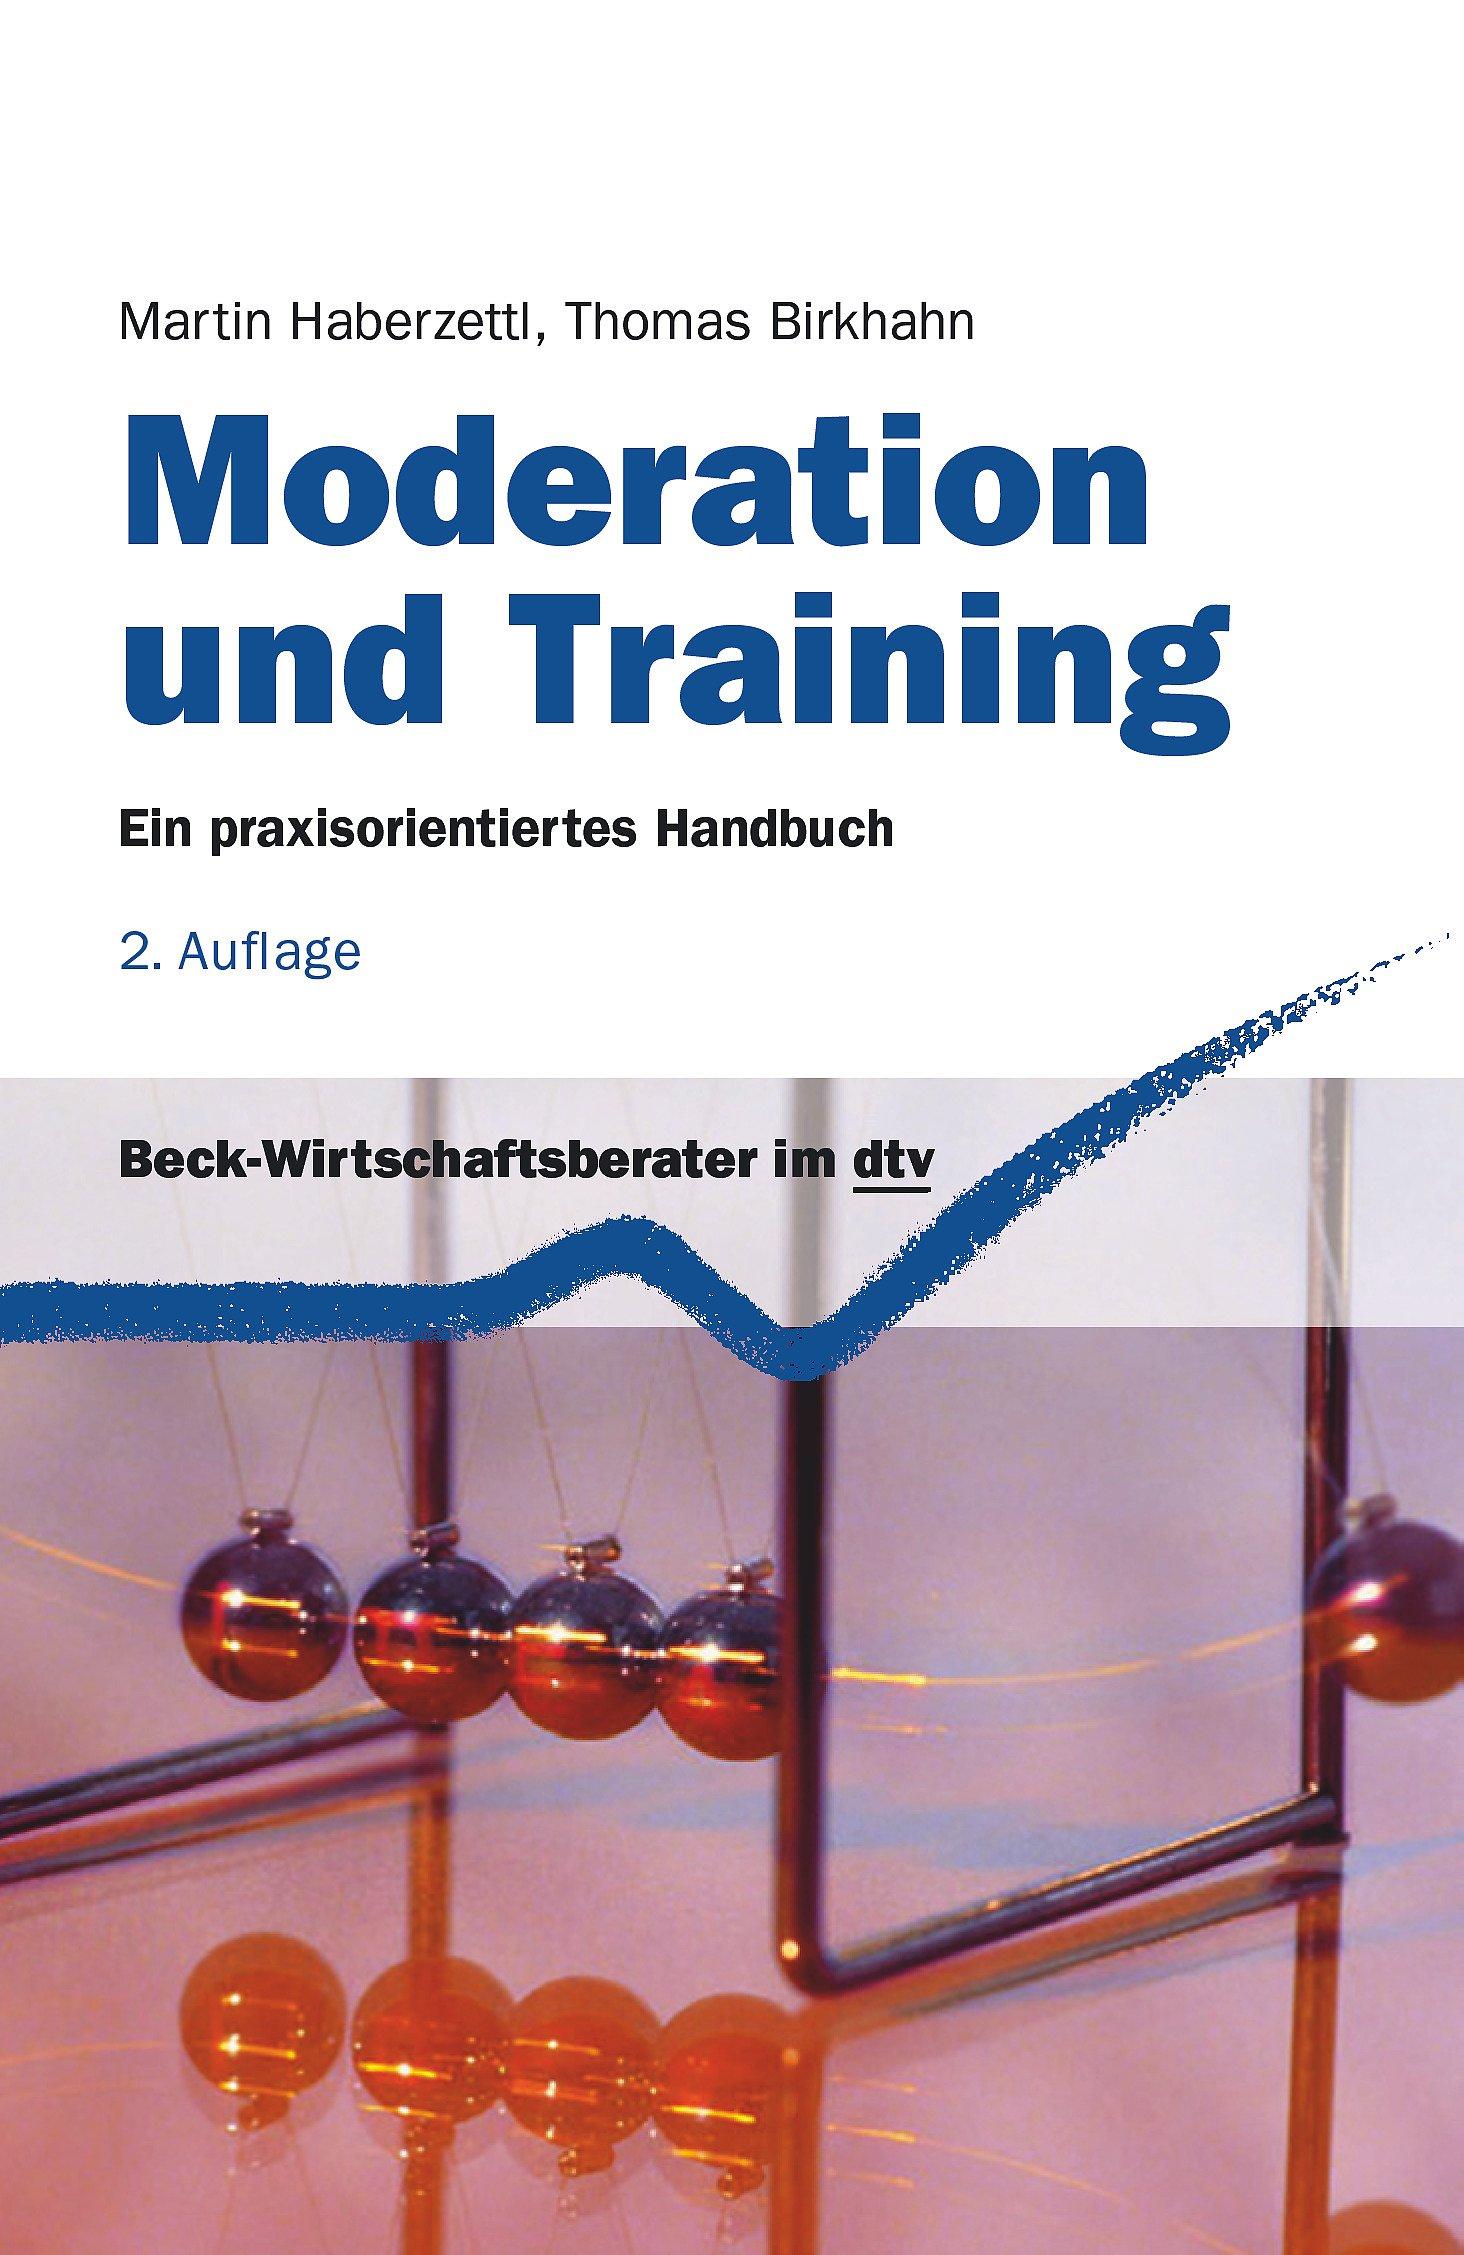 moderation-und-training-ein-praxisorientiertes-handbuch-dtv-beck-wirtschaftsberater